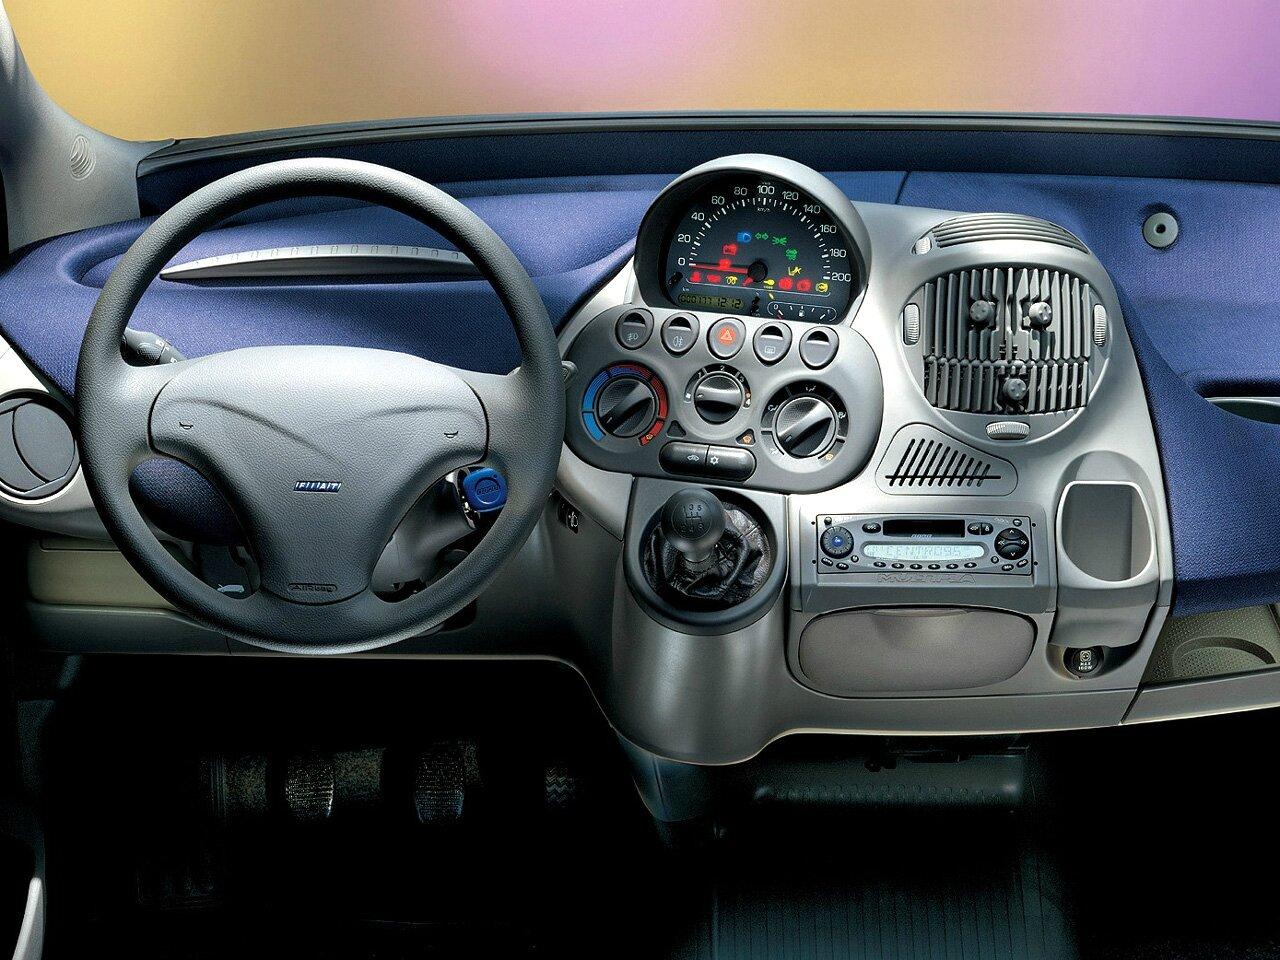 FIAT MULTIPLA / 1998-2010 - zoom auto blog